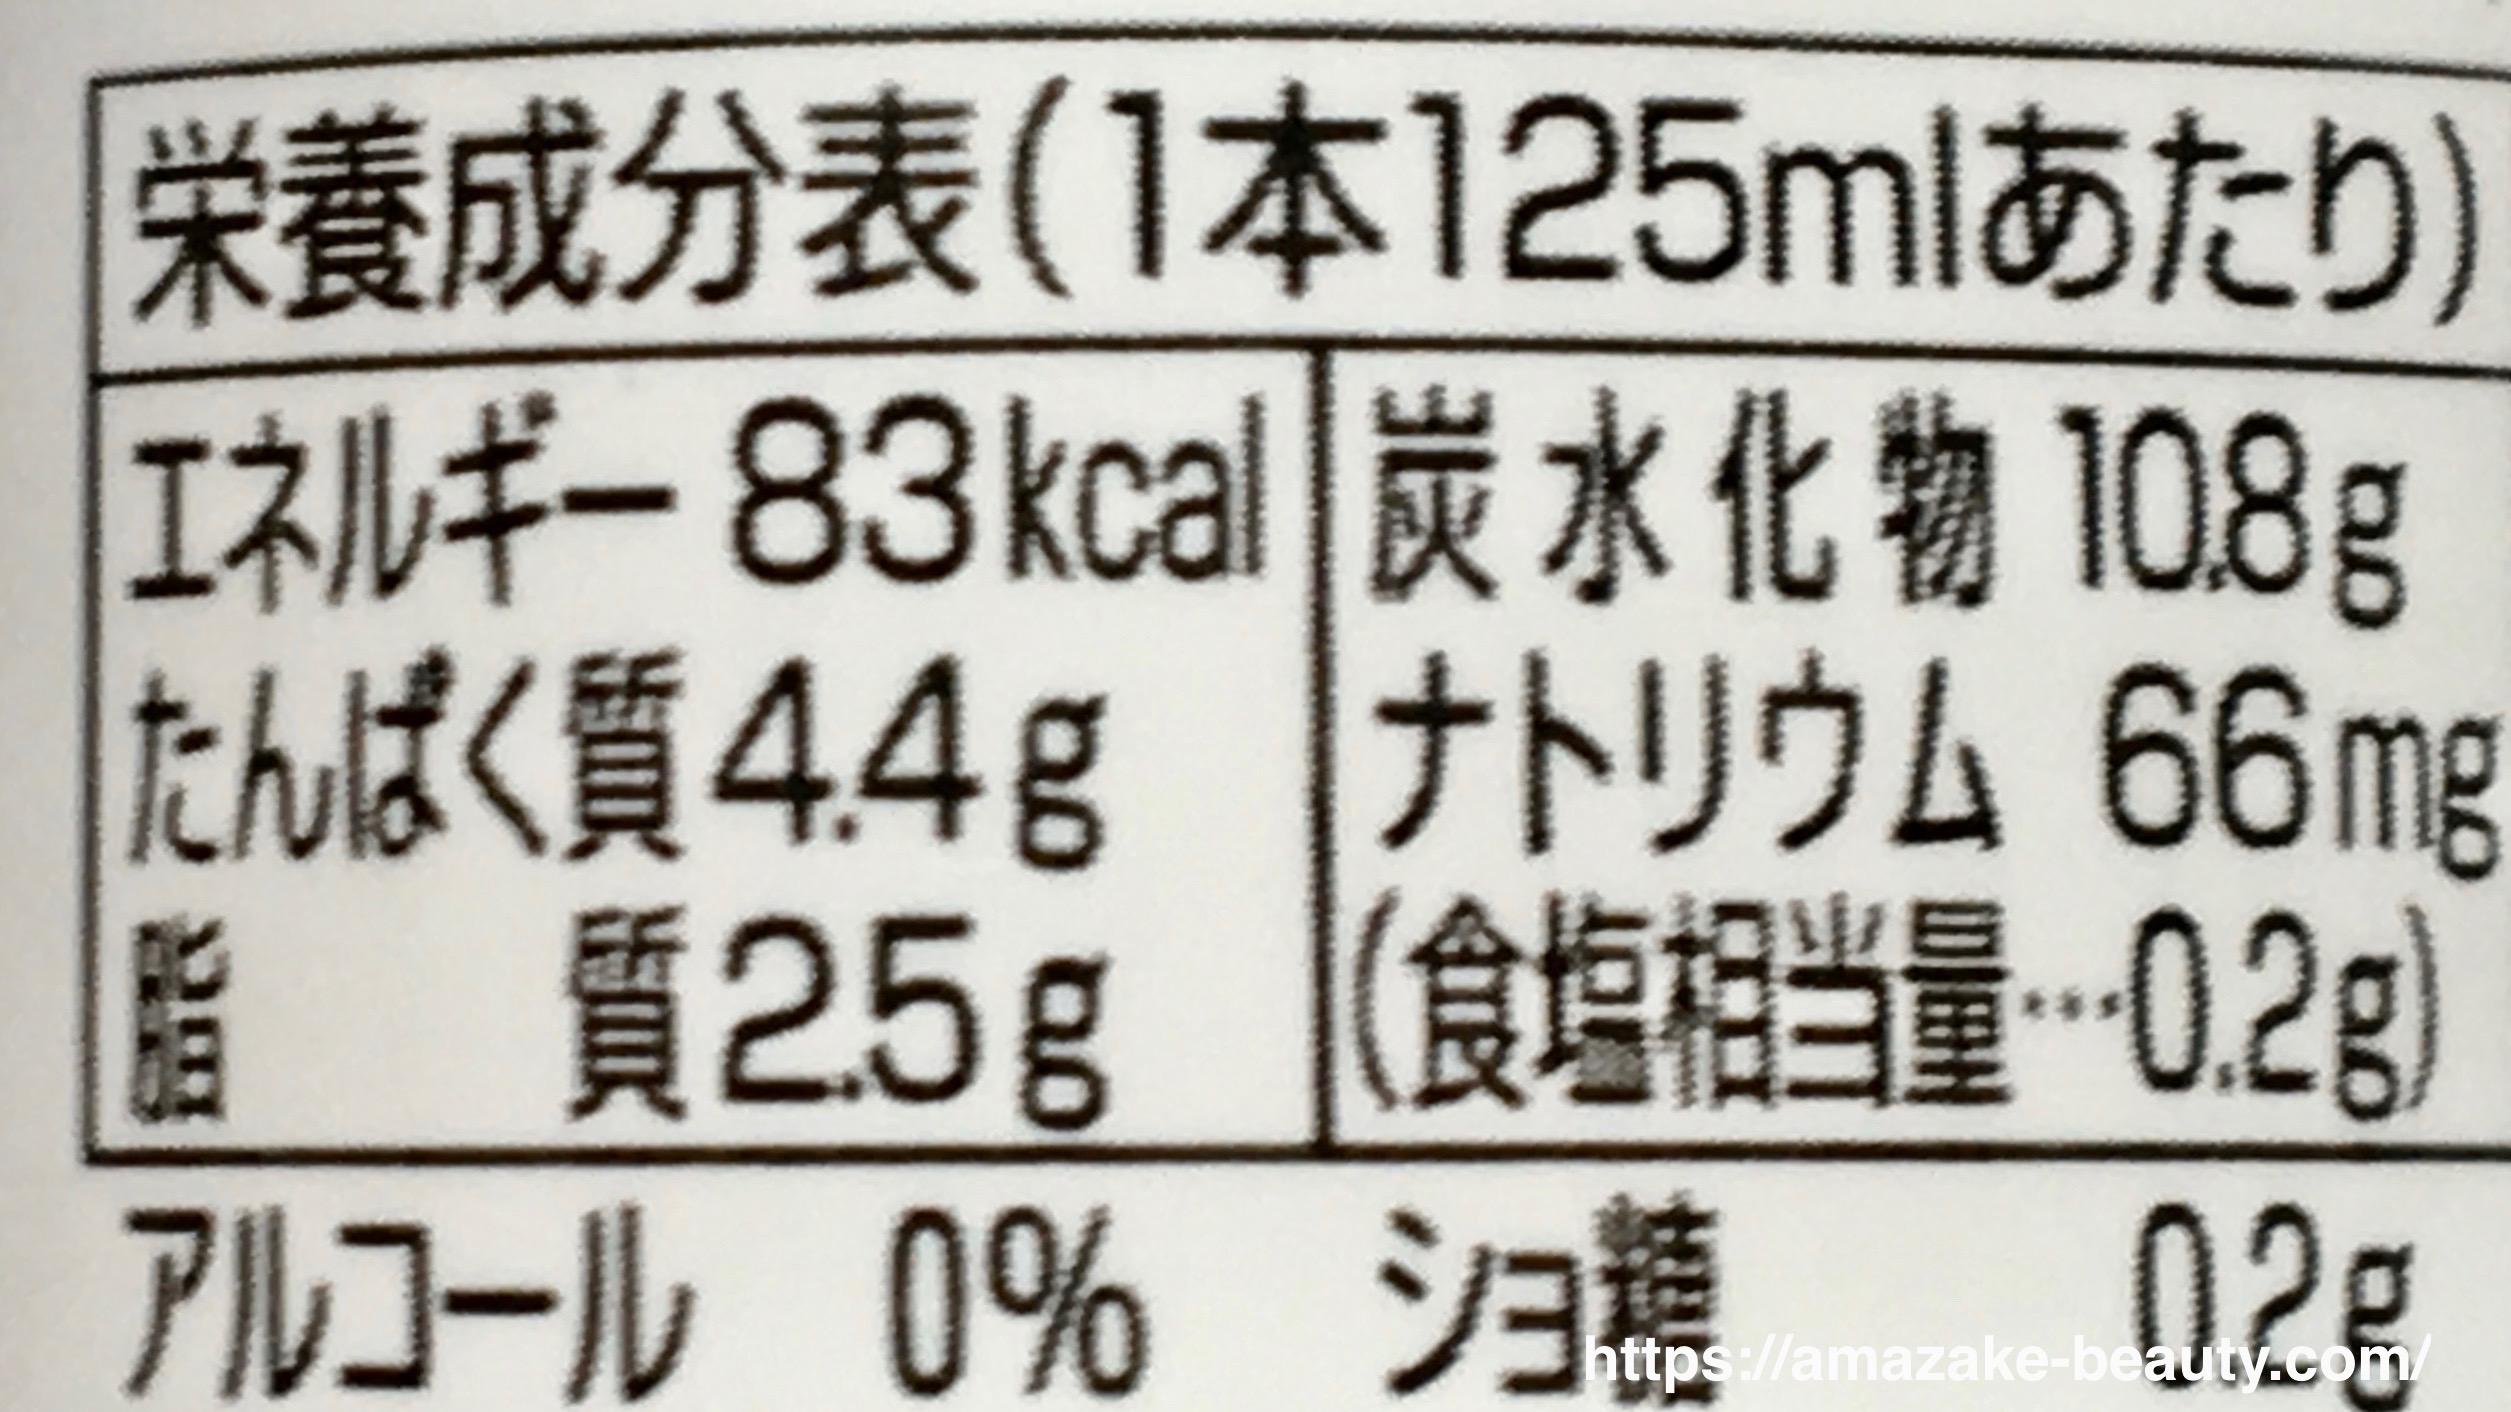 【甘酒】マルコメ『糀甘酒(豆乳ブレンド)』(栄養成分表示)